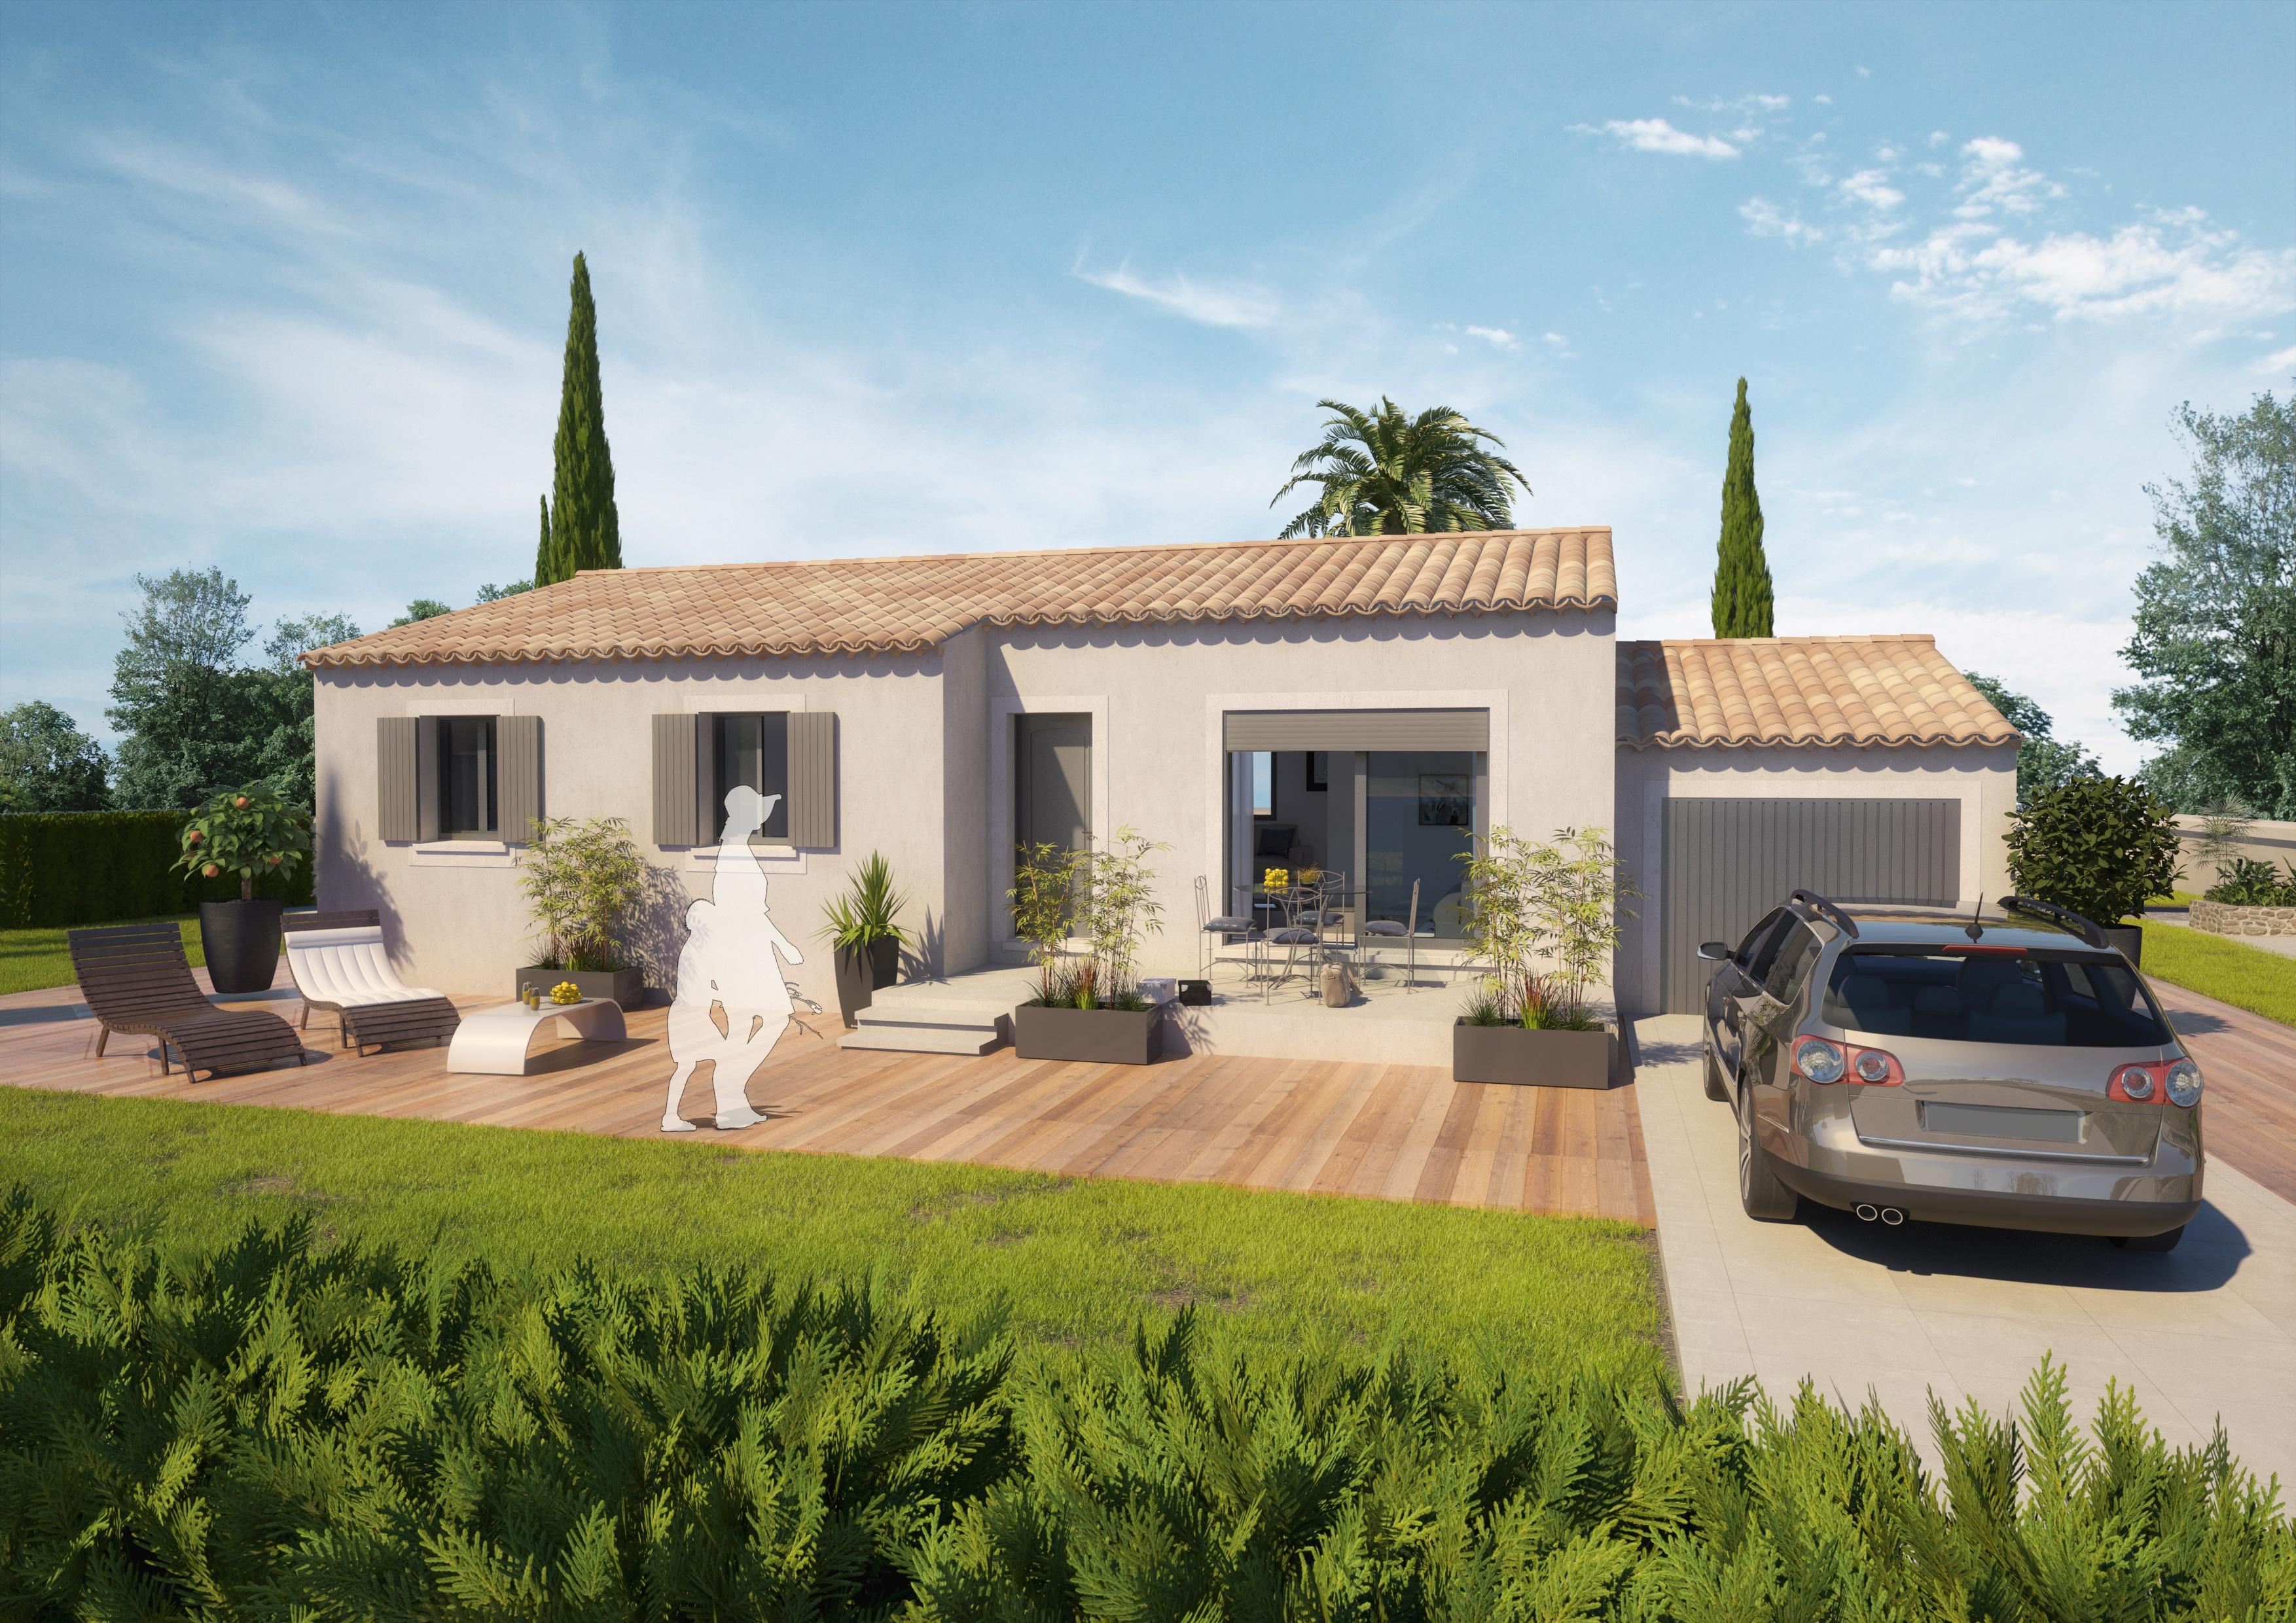 Maisons + Terrains du constructeur ART ET TRADITIONS MEDITERRANEE • 93 m² • SAINT PONS LA CALM